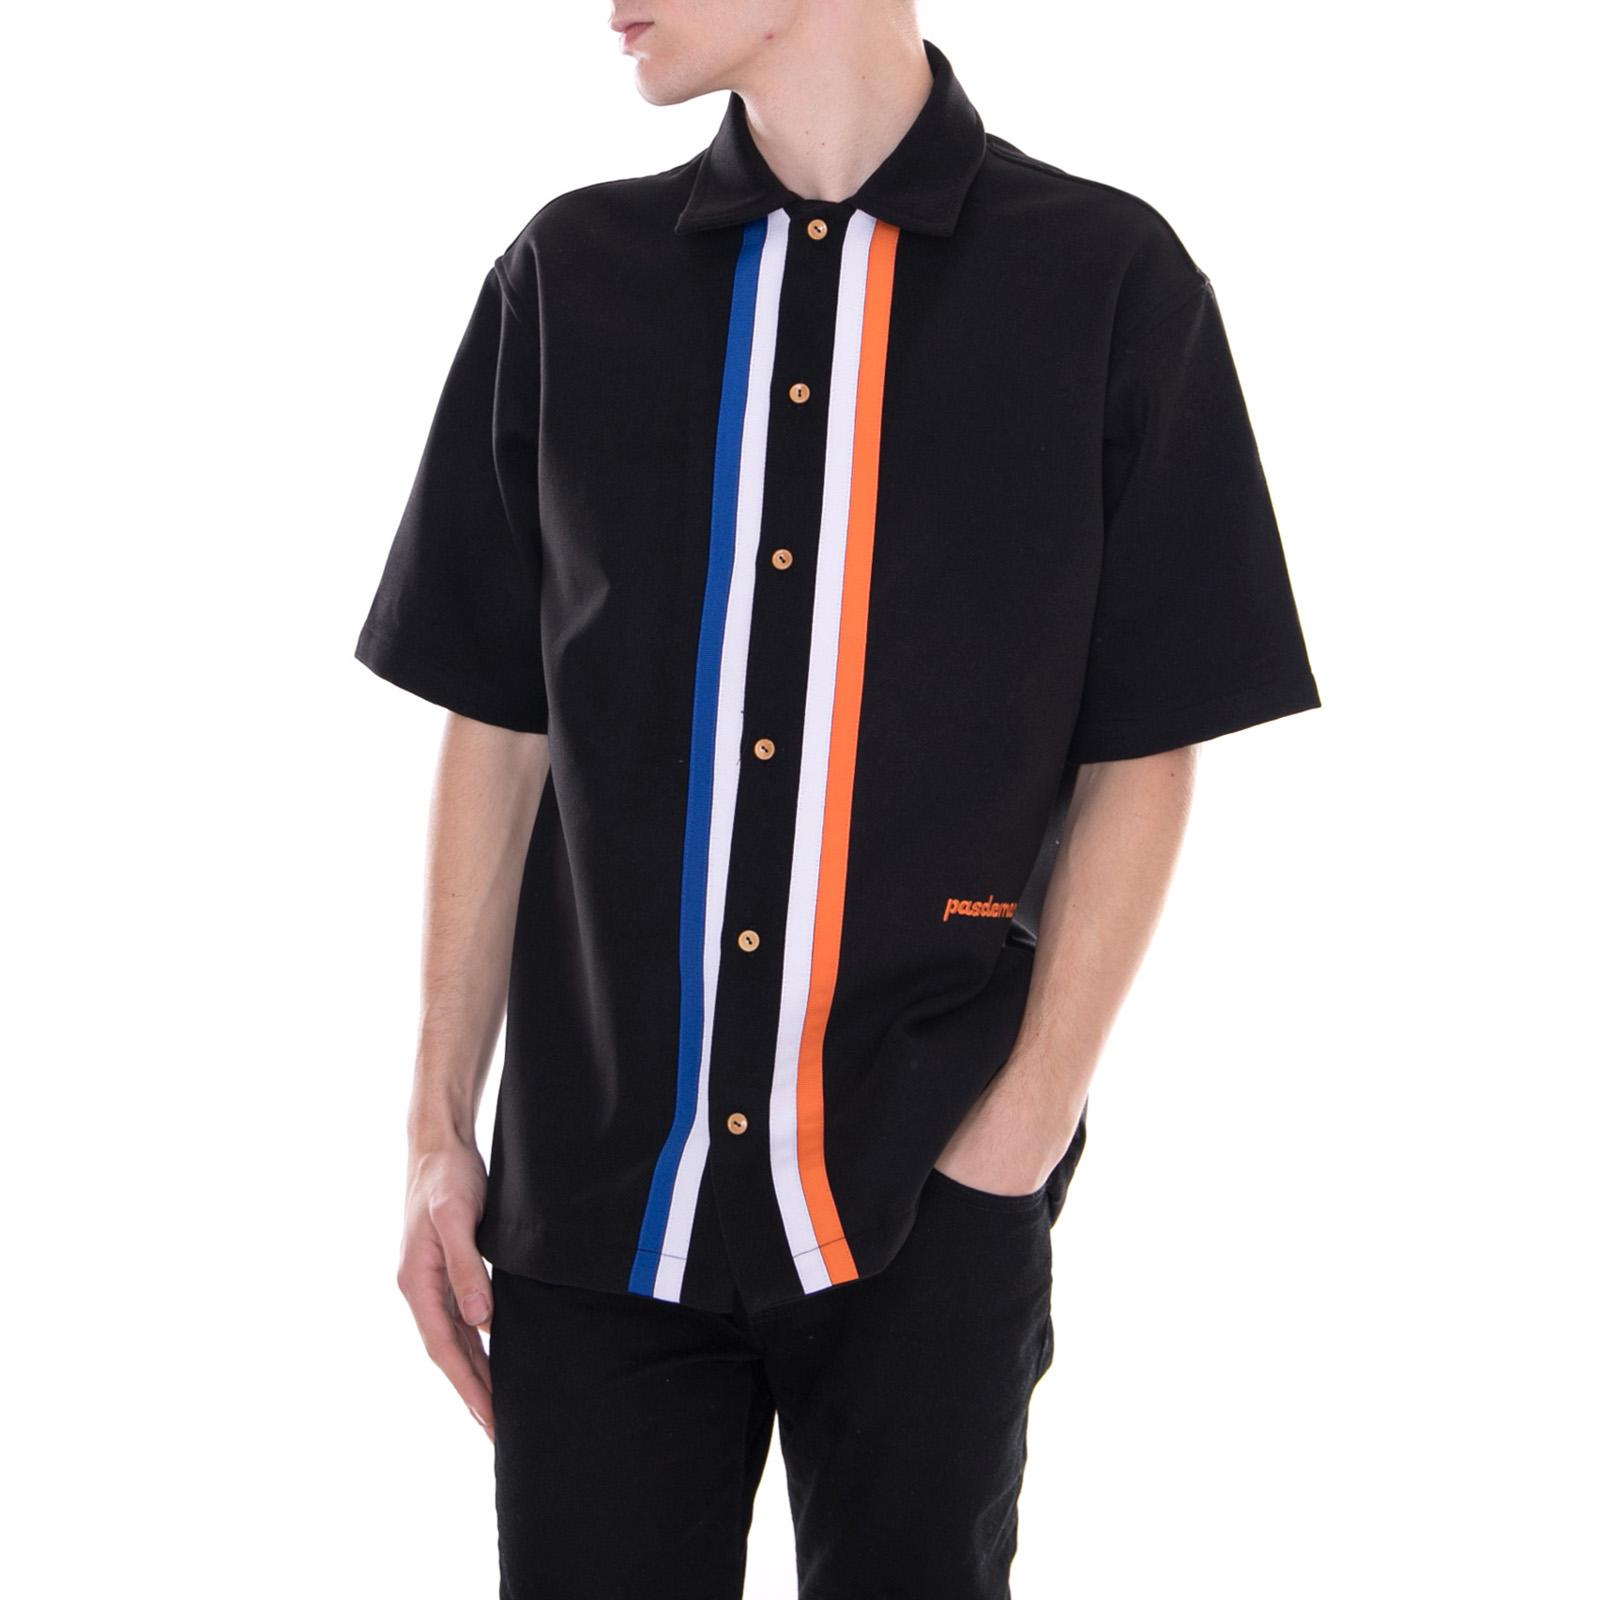 Pasdemer Camicie Tuco Short Sleeve nero Nero